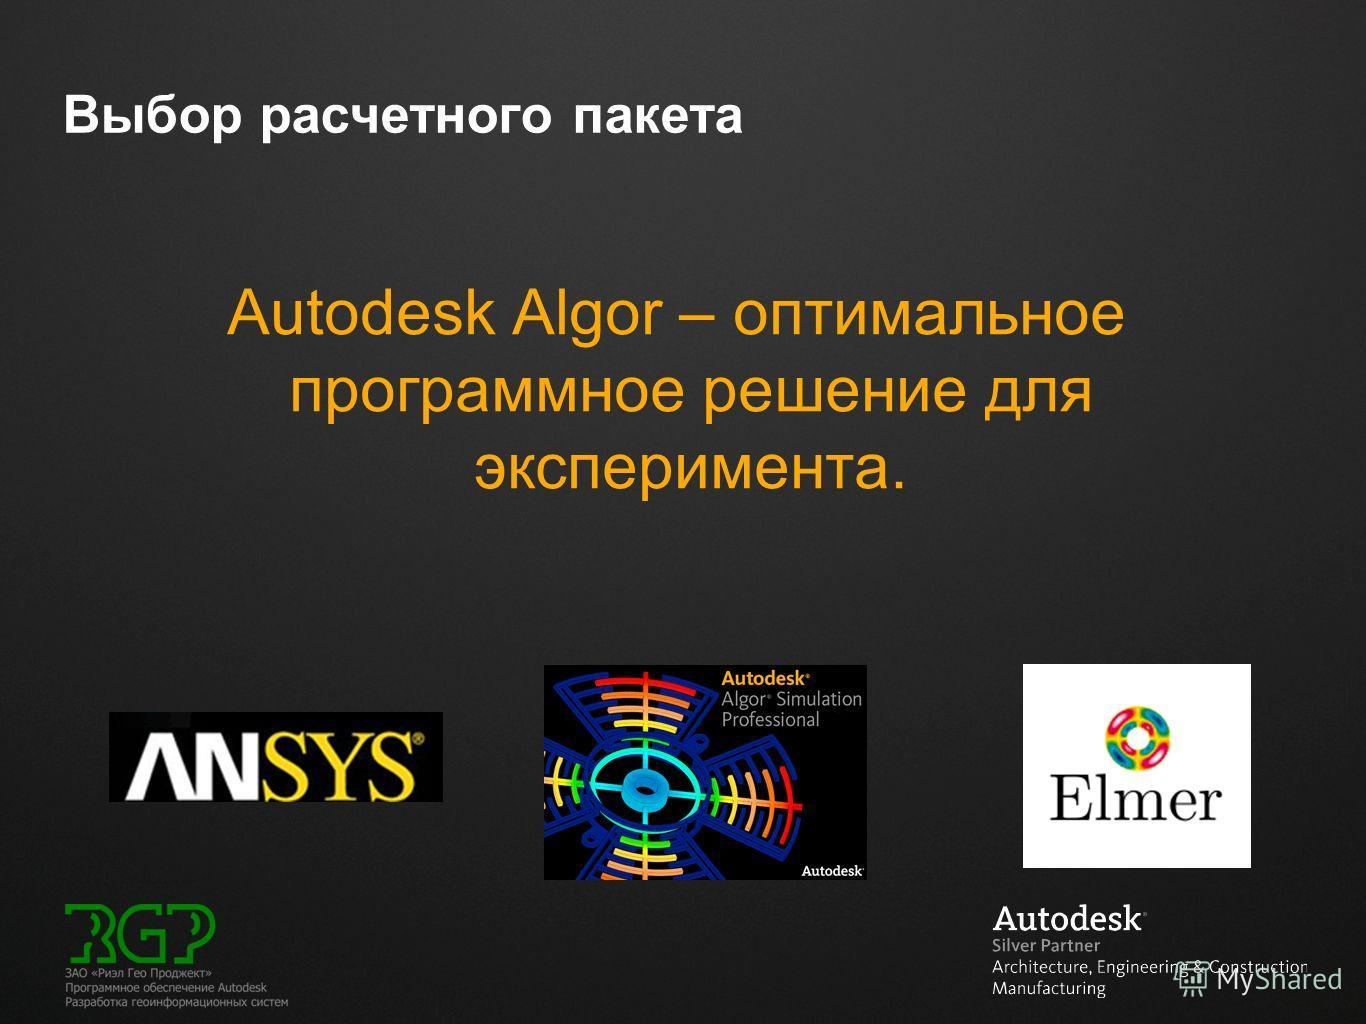 Выбор расчетного пакета Autodesk Algor – оптимальное программное решение для эксперимента.